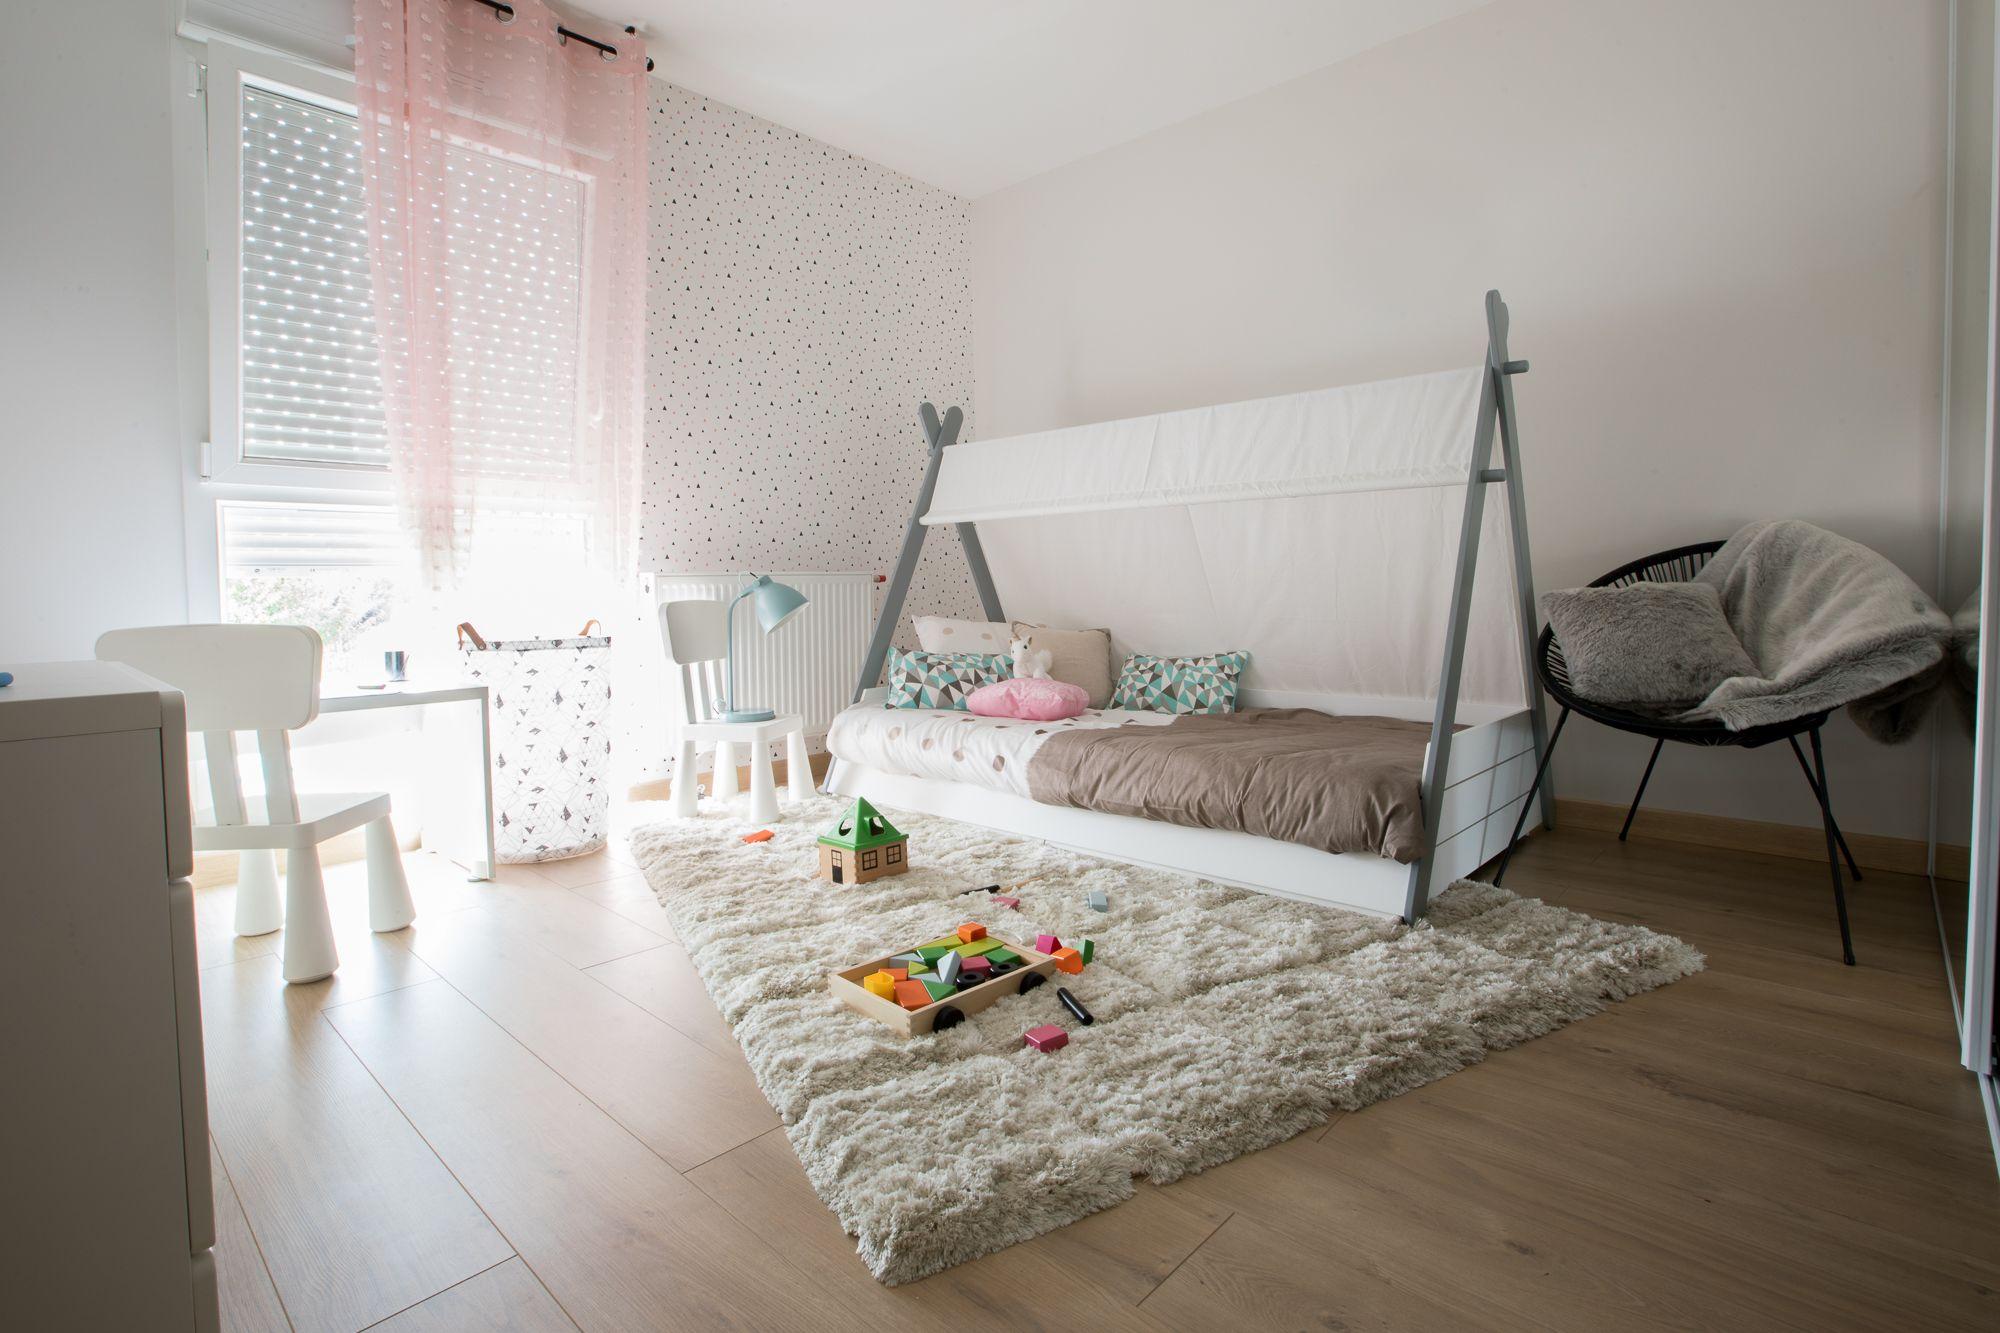 La Chambre Enfant Du Duplex Jardin Temoin Pres De Strasbourg Avec Son Lit Cabane Et Une Ambiance Cosy Et Pleine De Douceur Chambre Enfant Maison Maisons Neuves